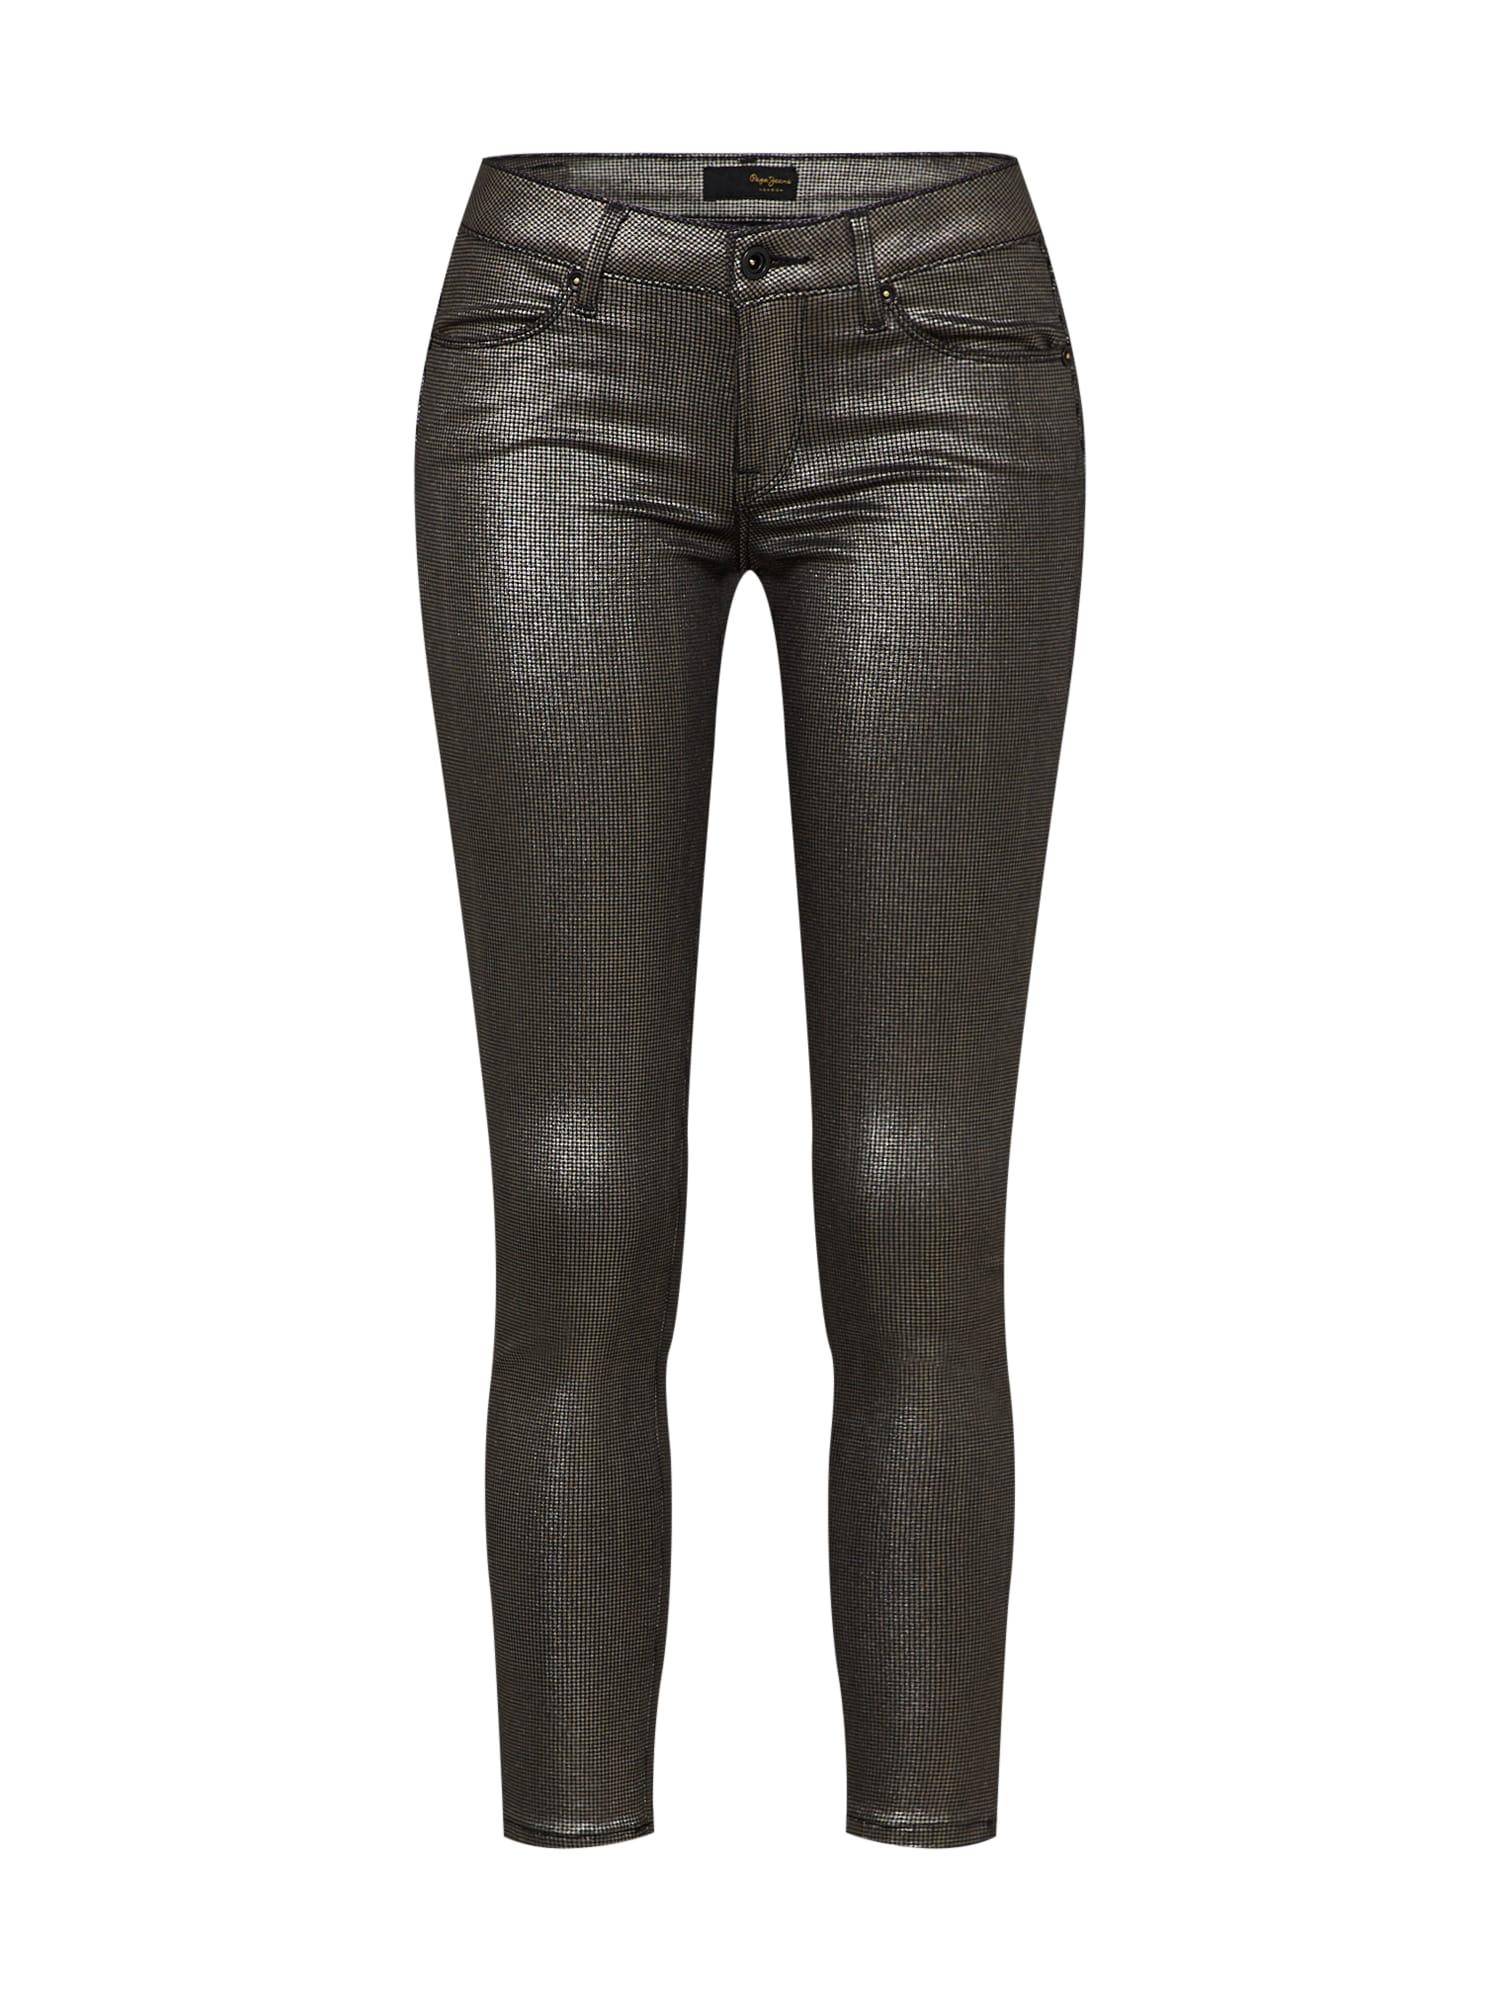 Kalhoty Lola Lux stříbrná Pepe Jeans